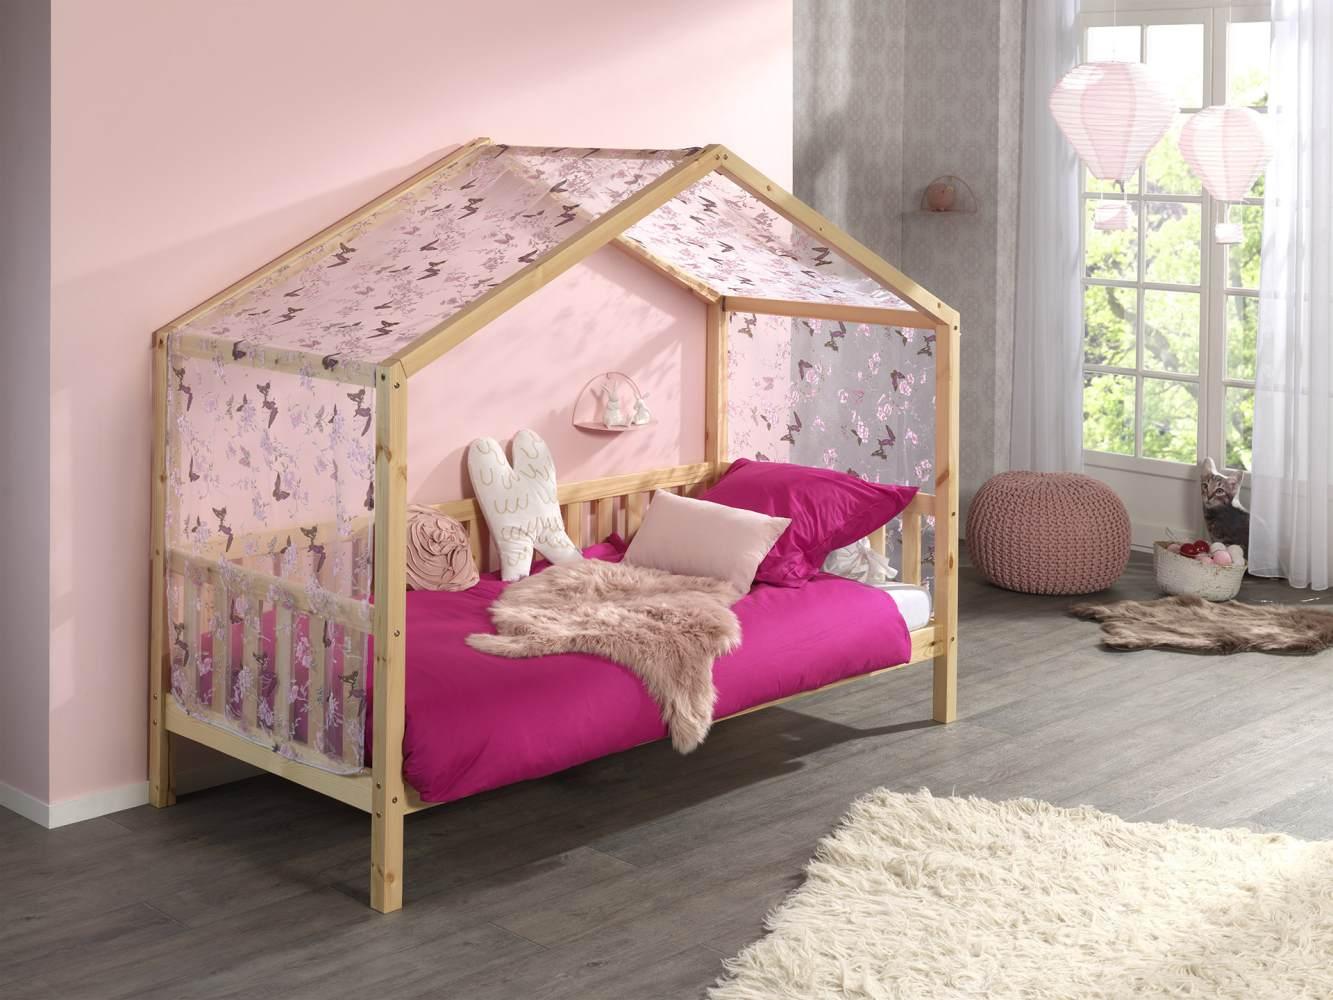 Vipack 'Dallas 1' Hausbett mit seitlicher Umrandung 90 x 200 cm natur, und Textilhimmel Bild 1